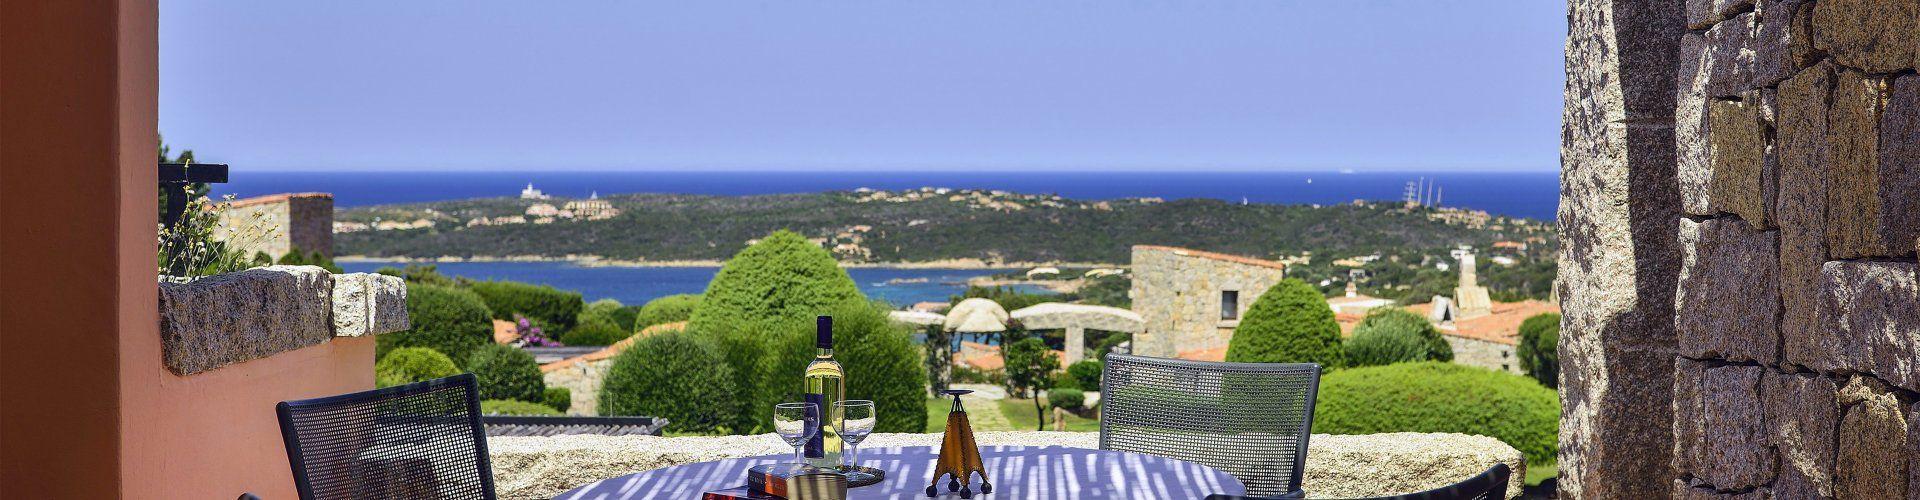 Villa mit Dachterrasse an der Costa Smeralda